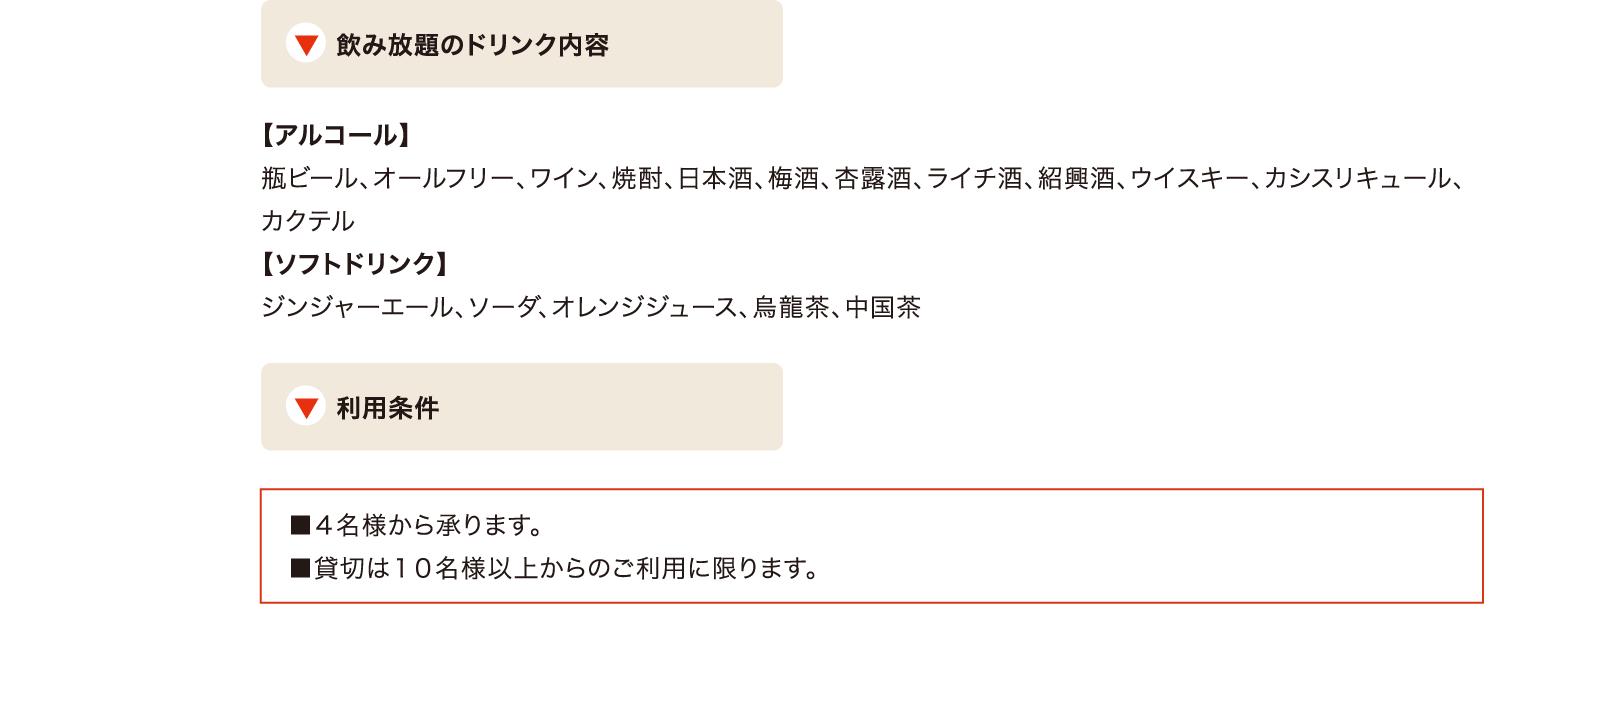 旬の李さんコース/ドリンク内容と利用条件